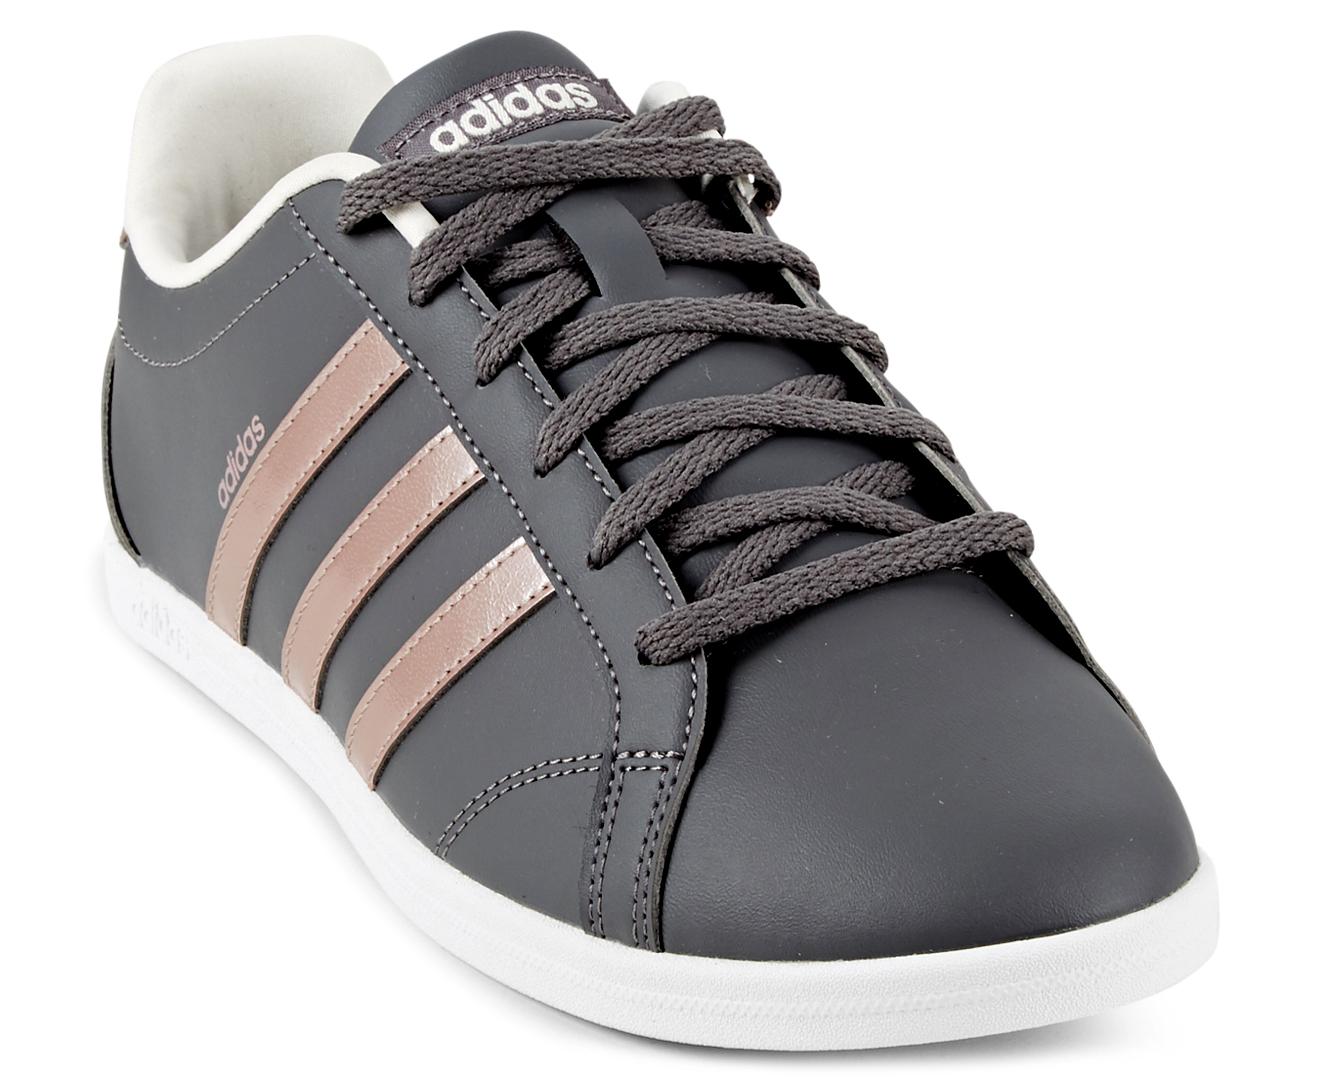 Buy Adidas Neo VS CONEO QT W Sneakers online | Looksgud.in